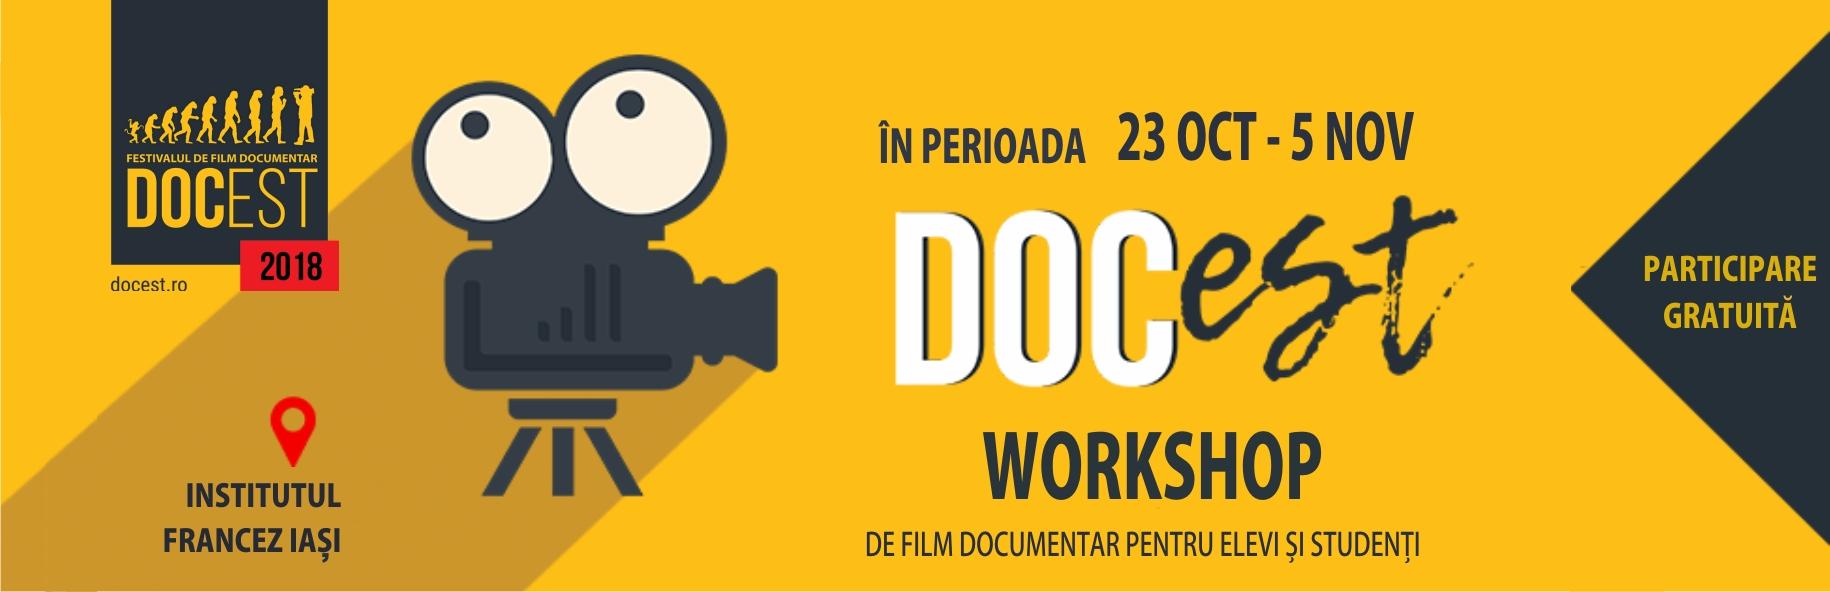 (Română) Workshop de film